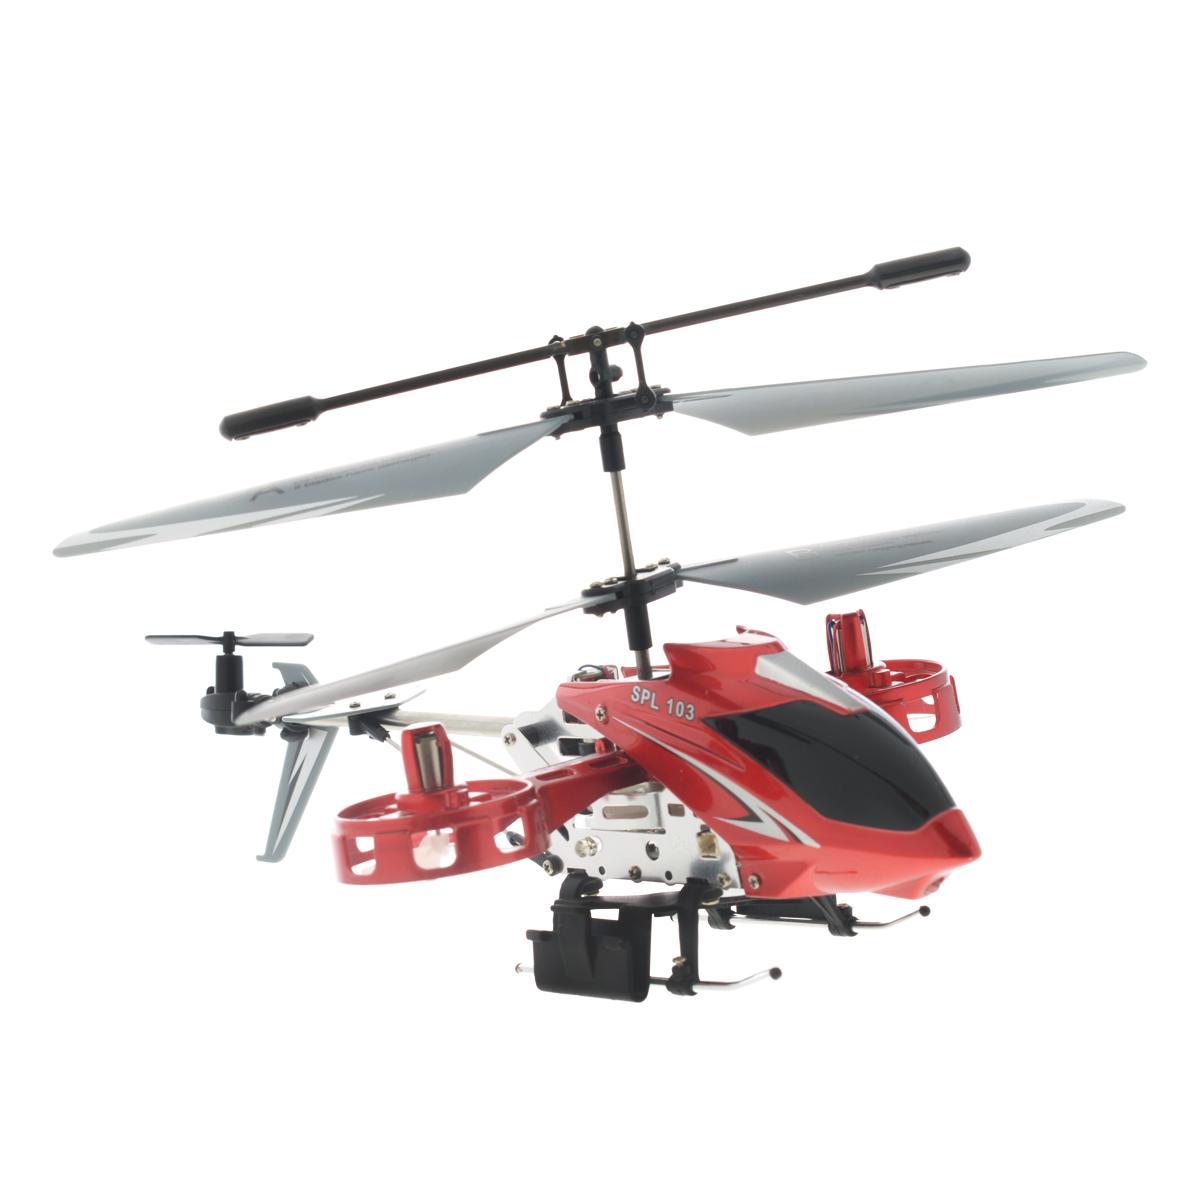 SPL-Technik Вертолет на радиоуправлении SPL 103